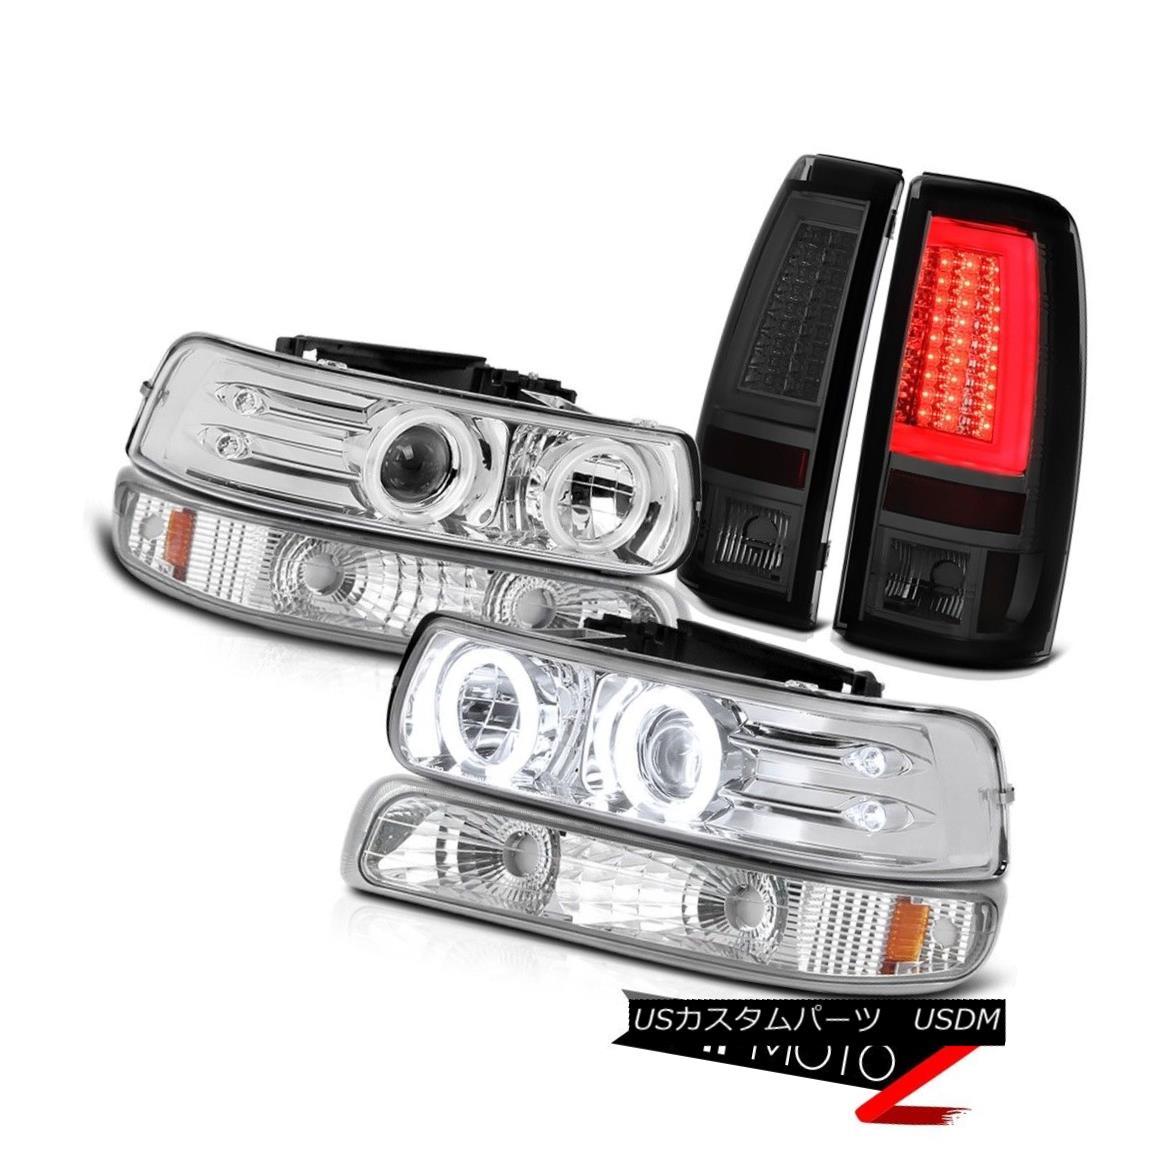 テールライト 99 00 01 02 Silverado 4.3L Smokey Tail Lamps Turn Signal Headlights Neon Tube 99 00 01 02 Silverado 4.3Lスモーキーテールランプターンシグナルヘッドライトネオンチューブ